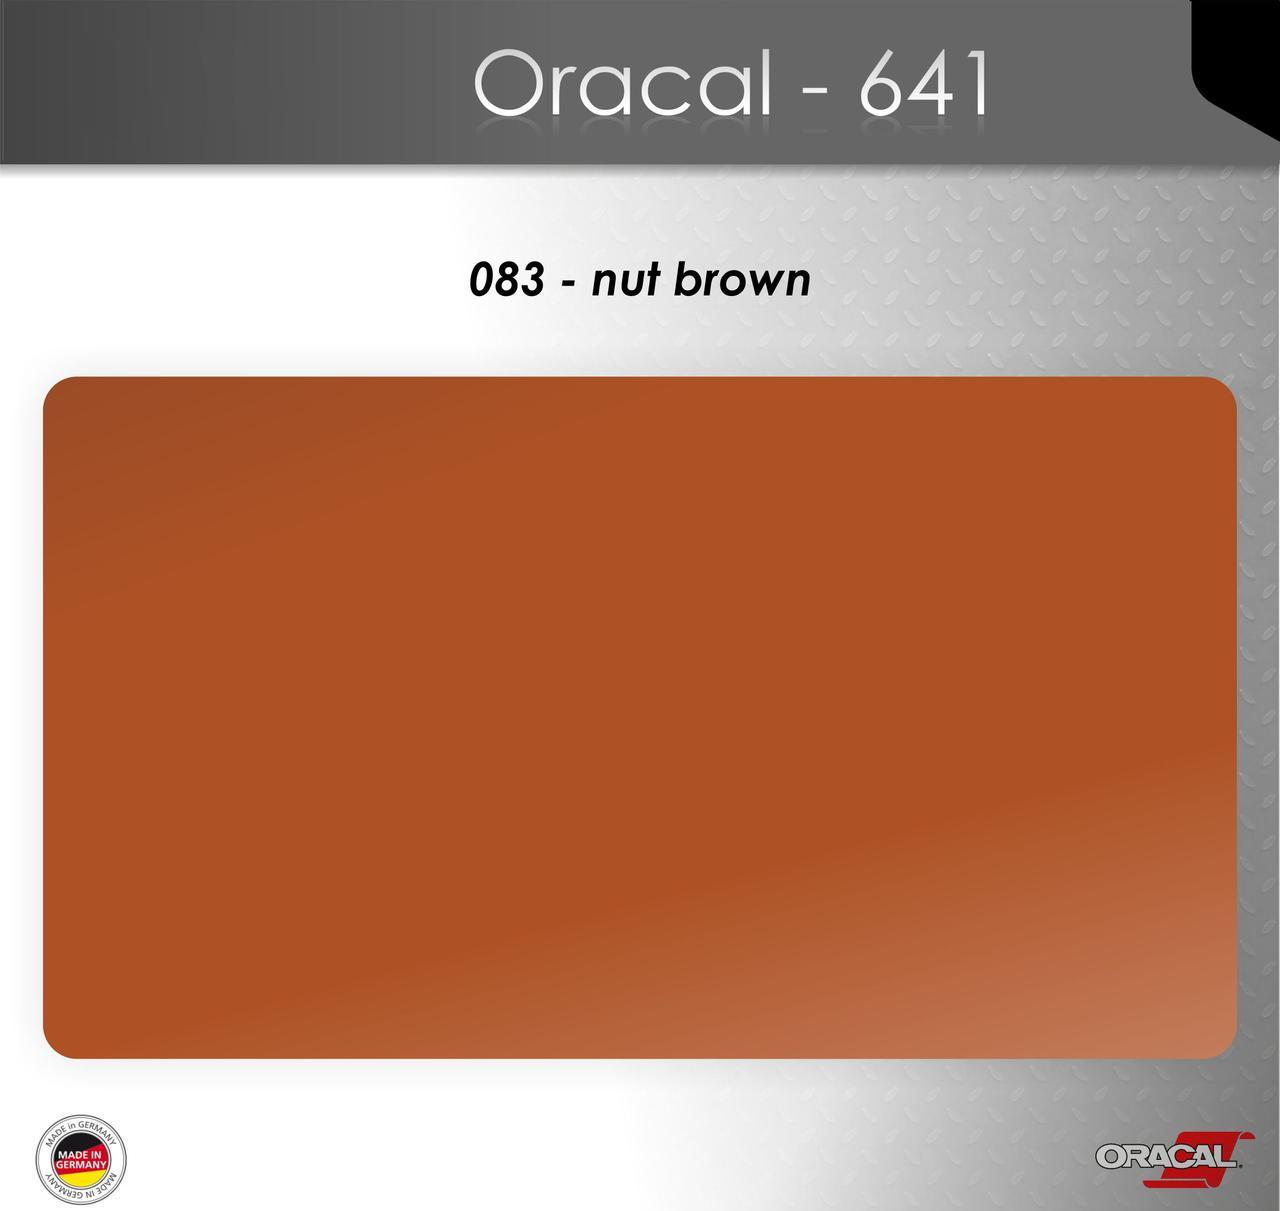 Пленка Оракал 641/ореховый (083)